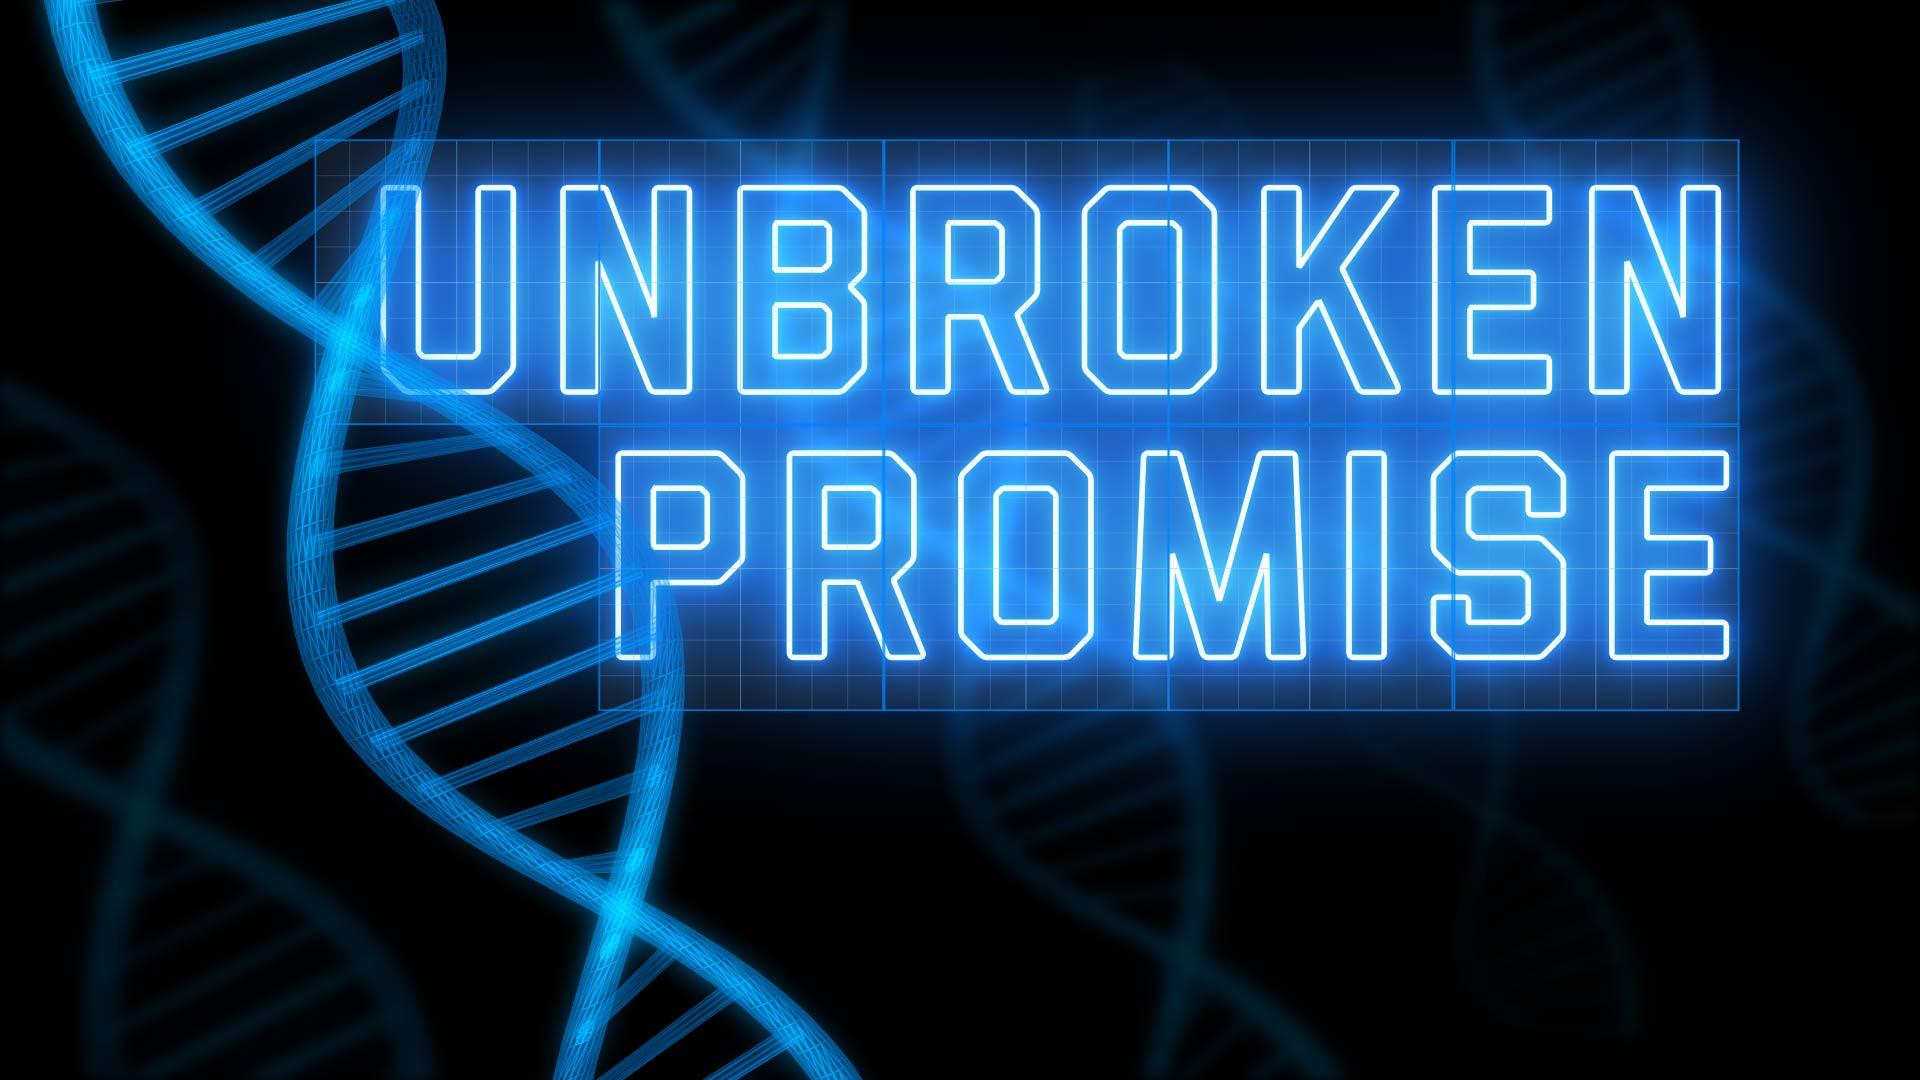 Unbroken_promise__1__small